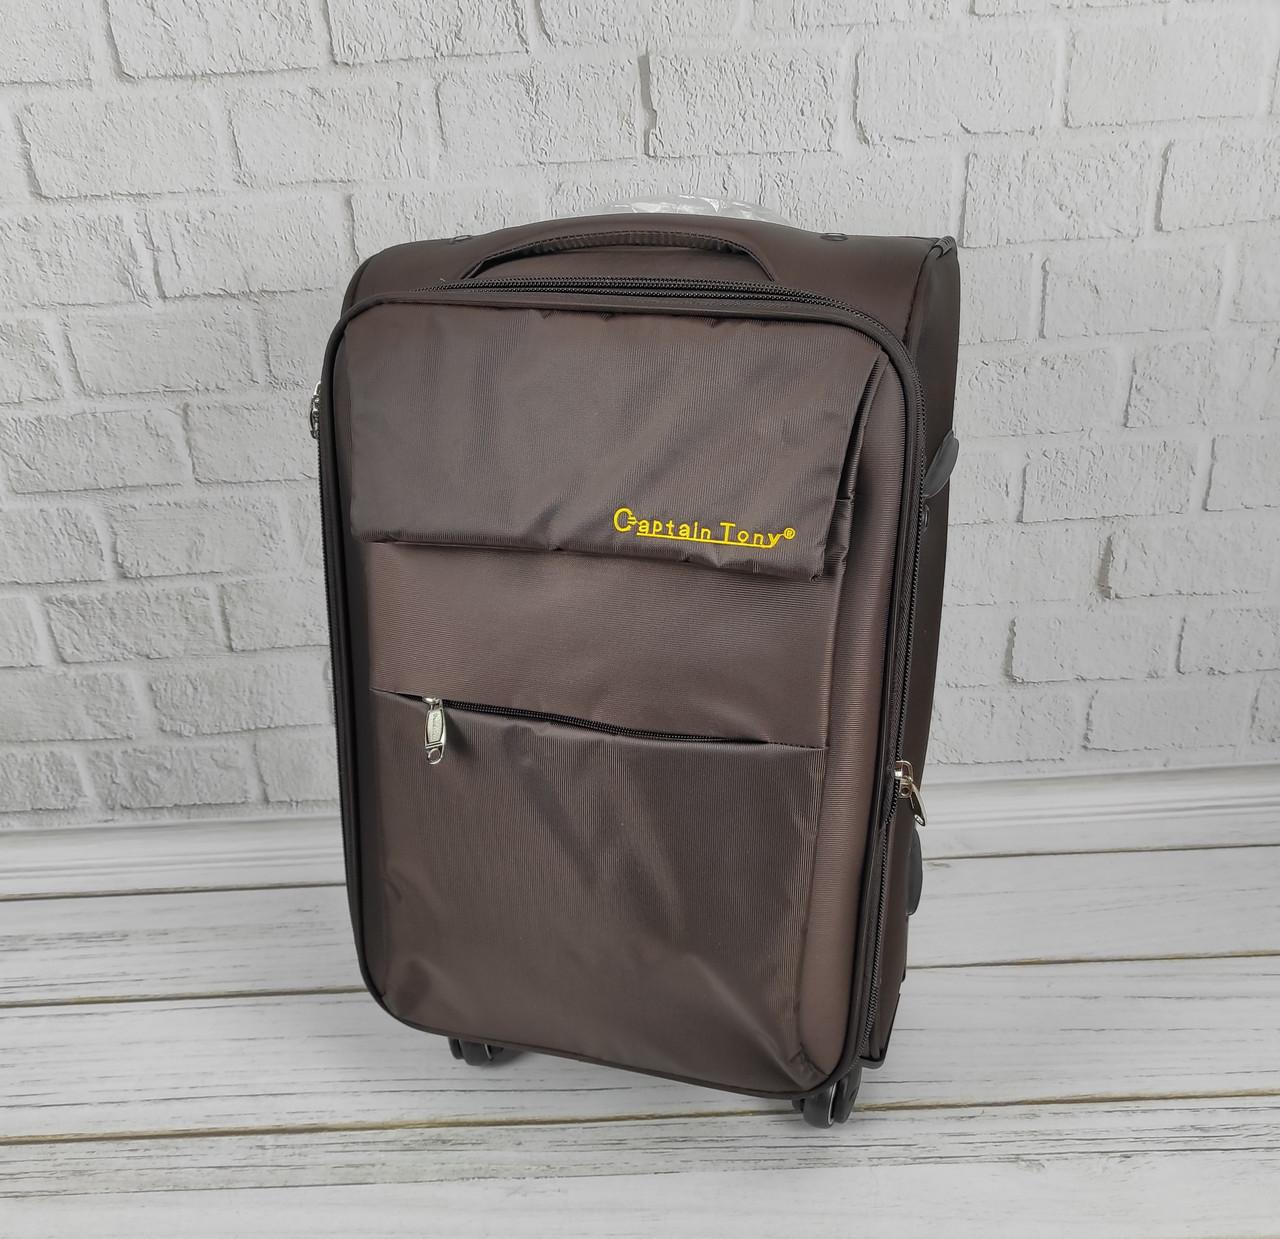 Дорожній тканинний валізу 6307 (коричневий) на 4 колесах (маленький)